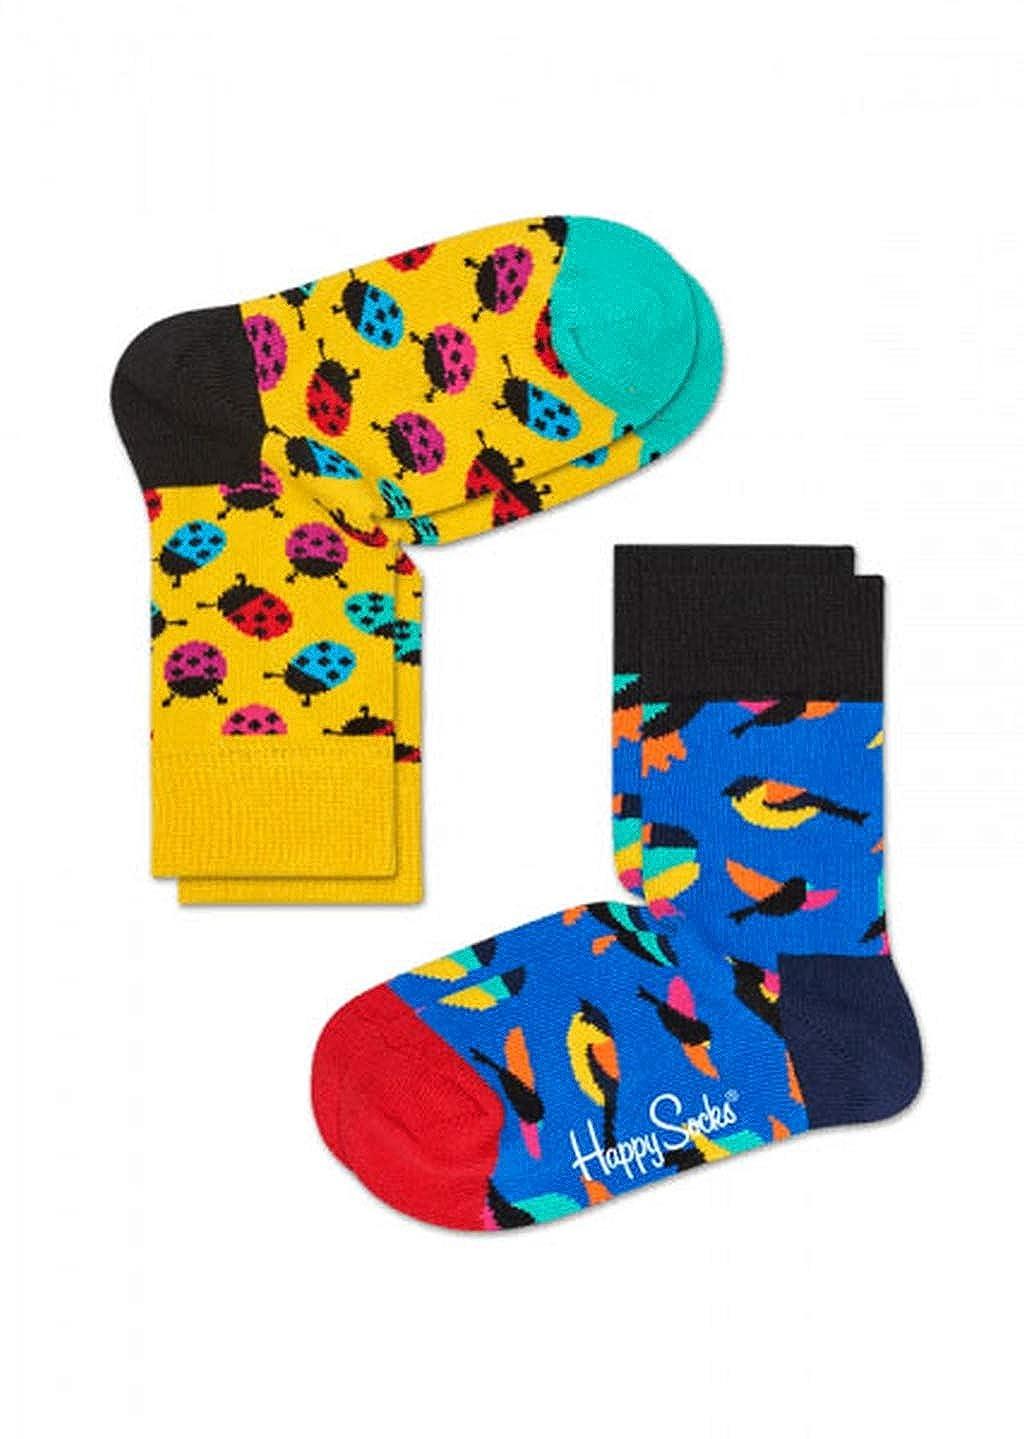 Happy Socks Calzini Collezione Moda Pack 2 Paia (4-6 Anni, 2000)